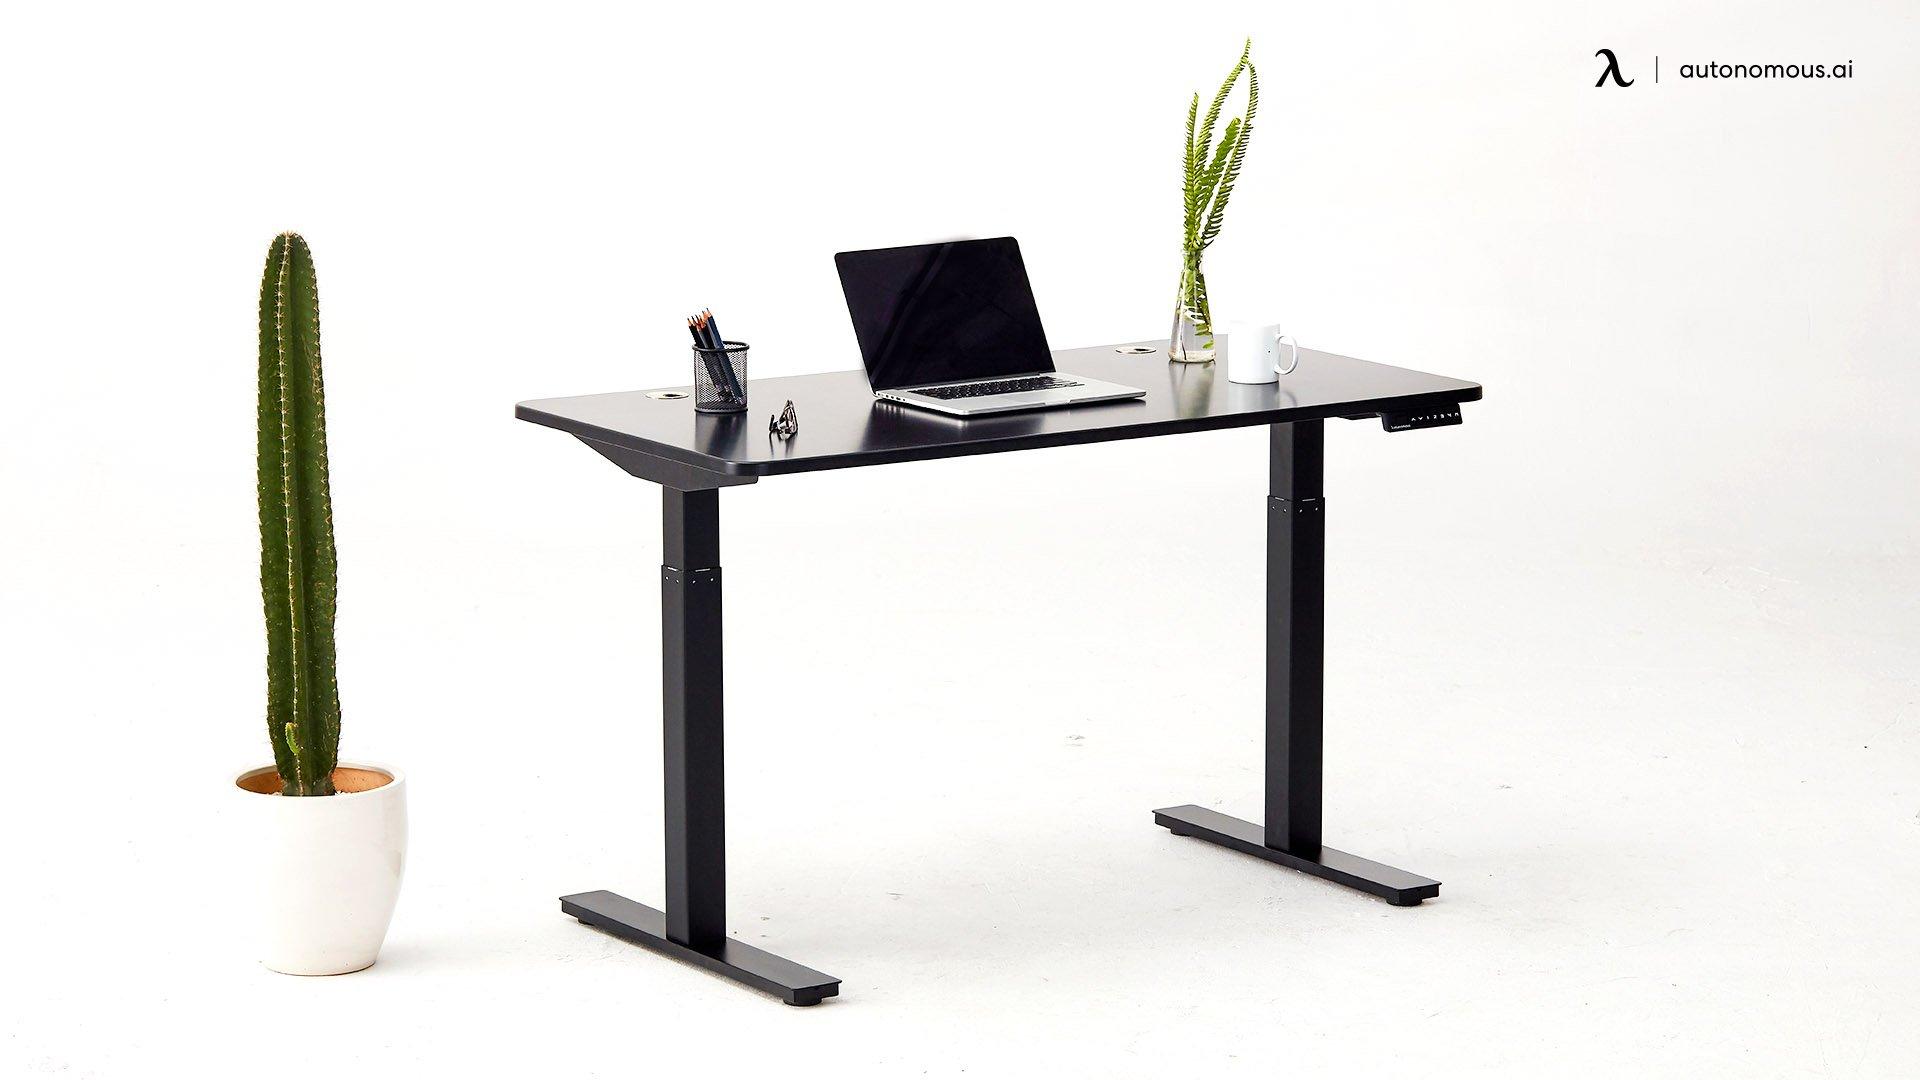 Autonomous SmartDesk 2 Electric Standing Desk Under $500